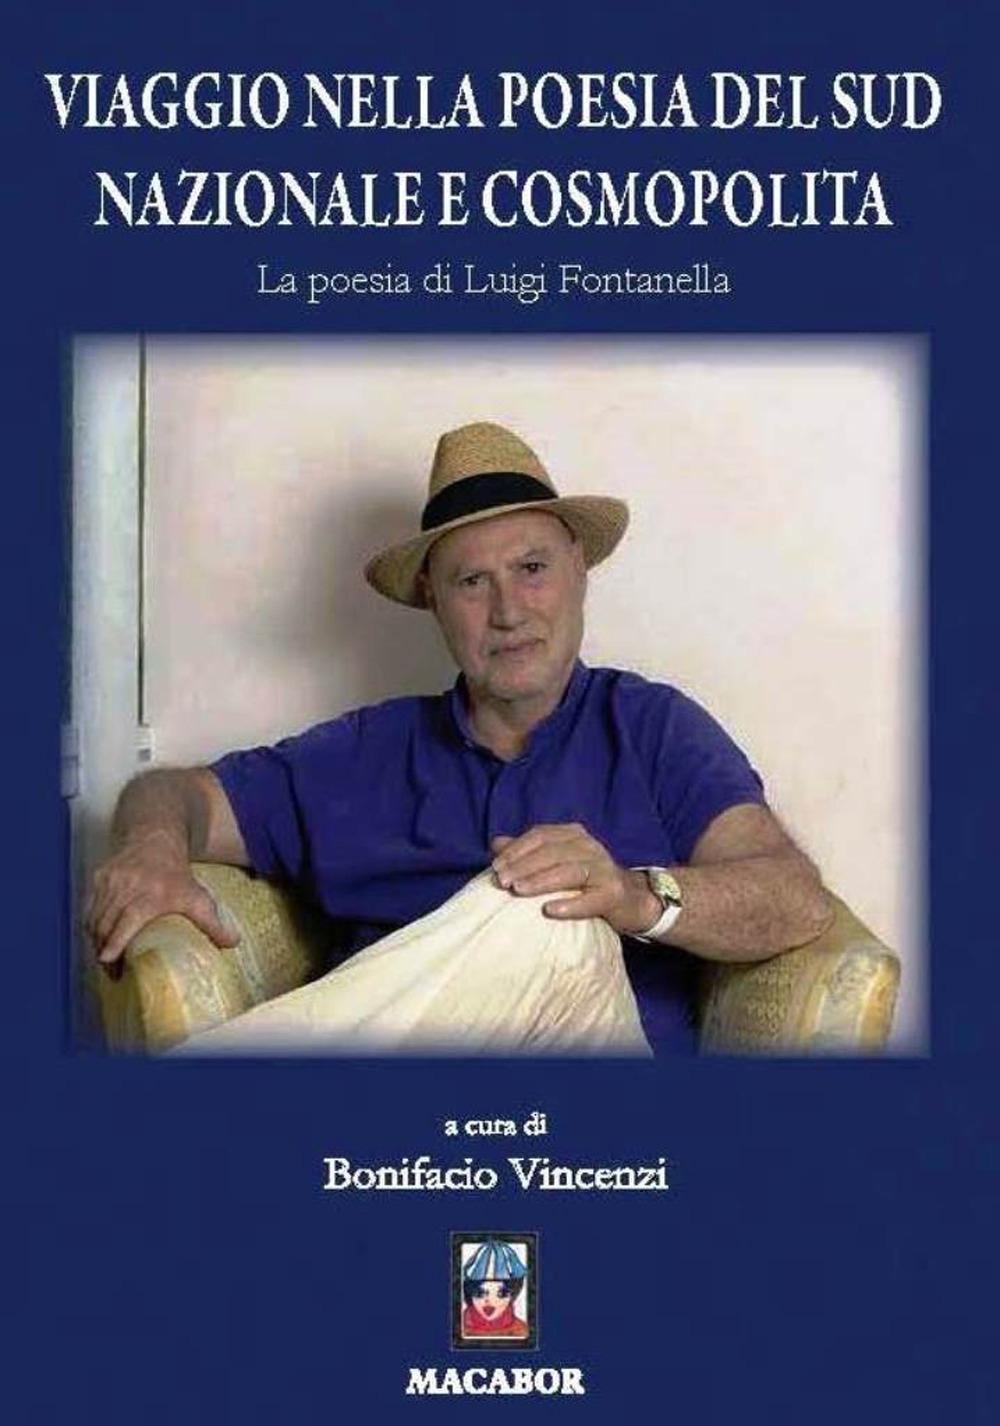 Viaggio nella poesia del sud nazionale e cosmopolita. La poesia di Luigi Fontanella